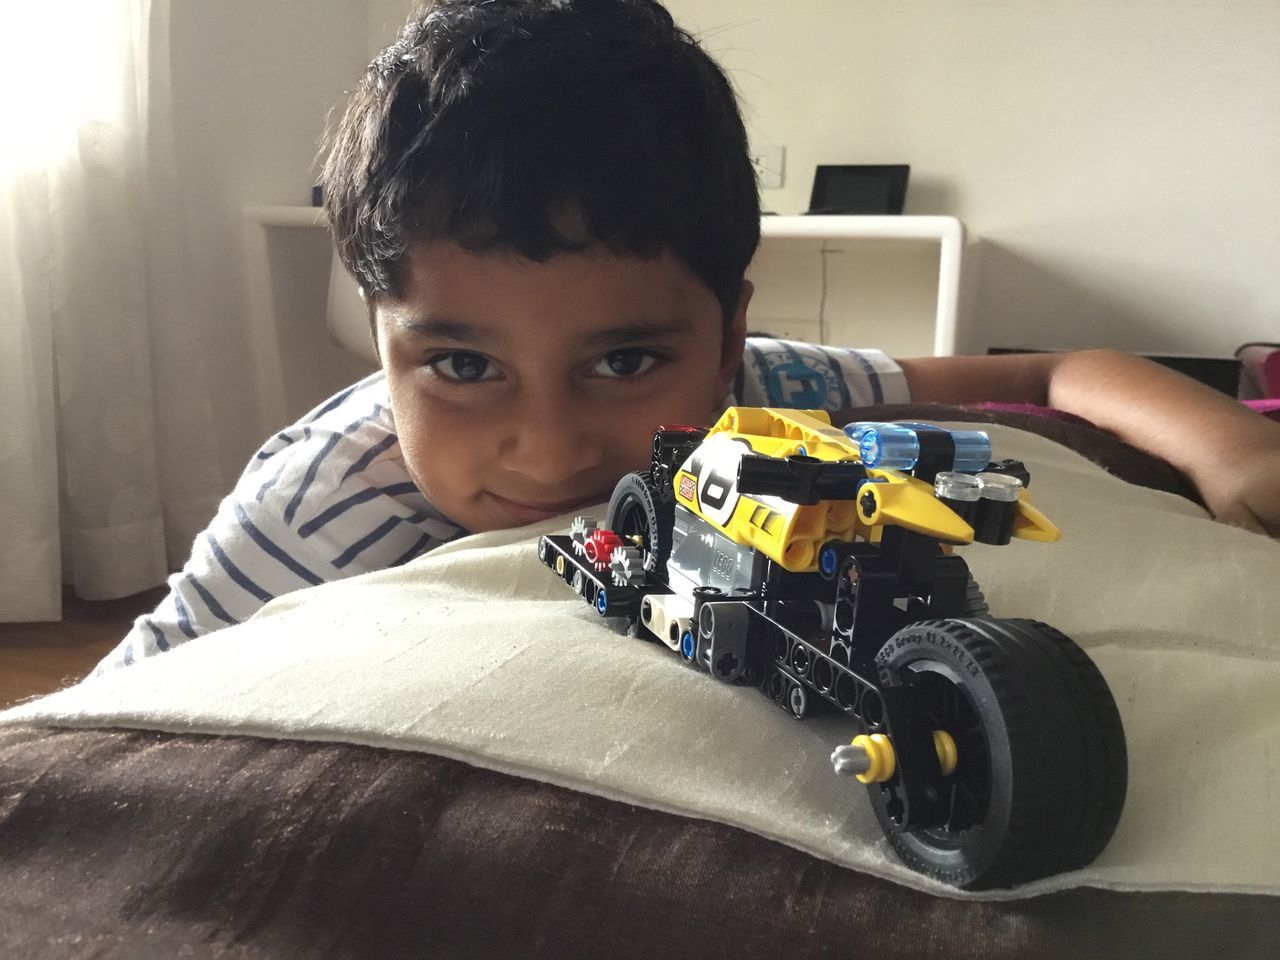 Lego tecknic LEGO Legophotography Legoland LegoTechnic